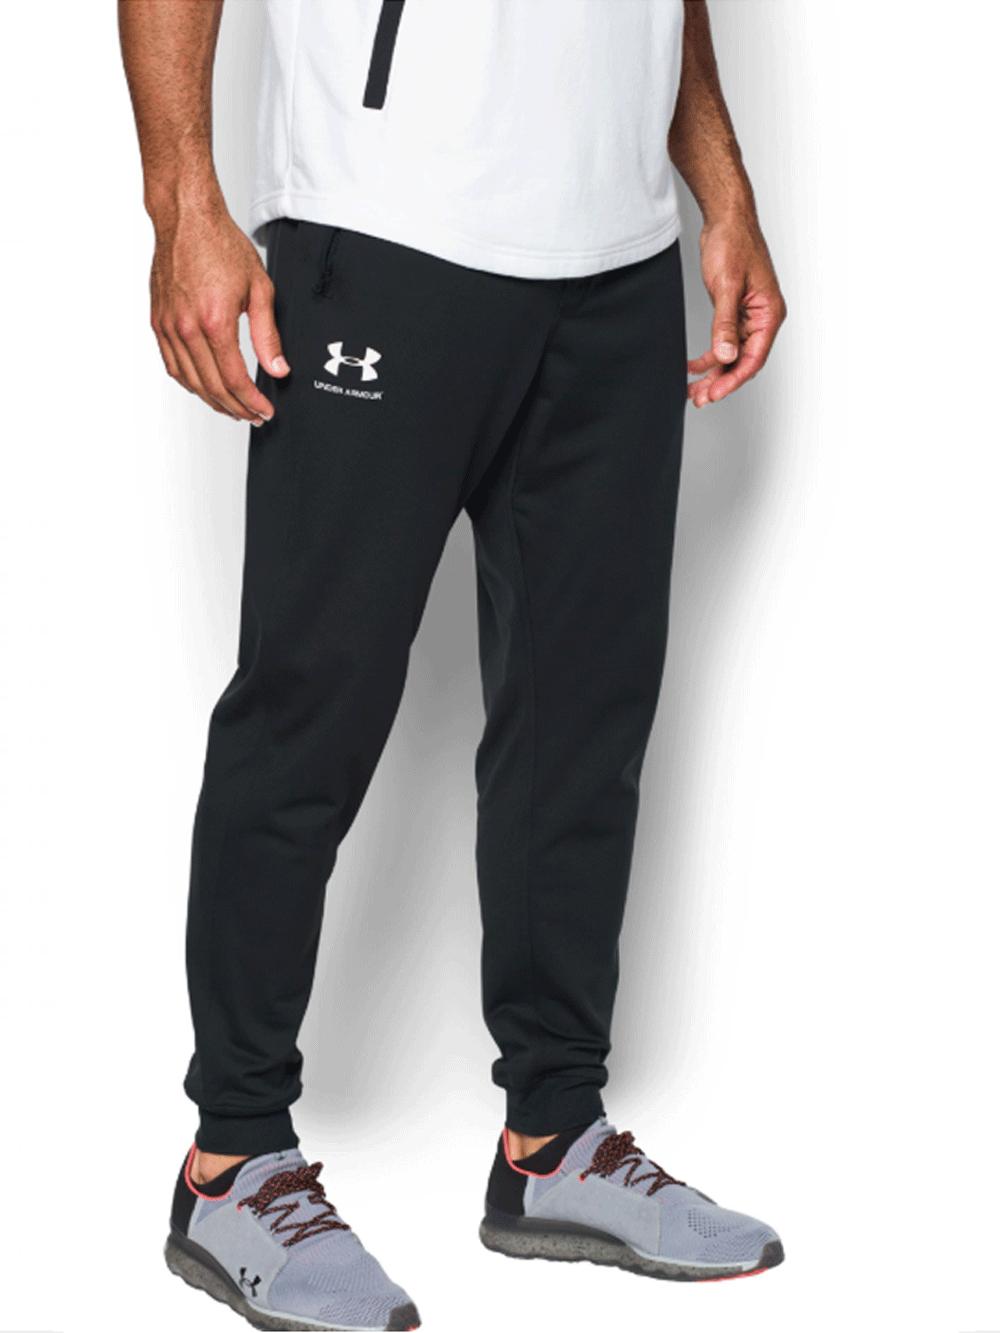 מכנסי אימון אנדר ארמור שחור לגבר 1290261-001 Under Armour Sportstyle Joggers